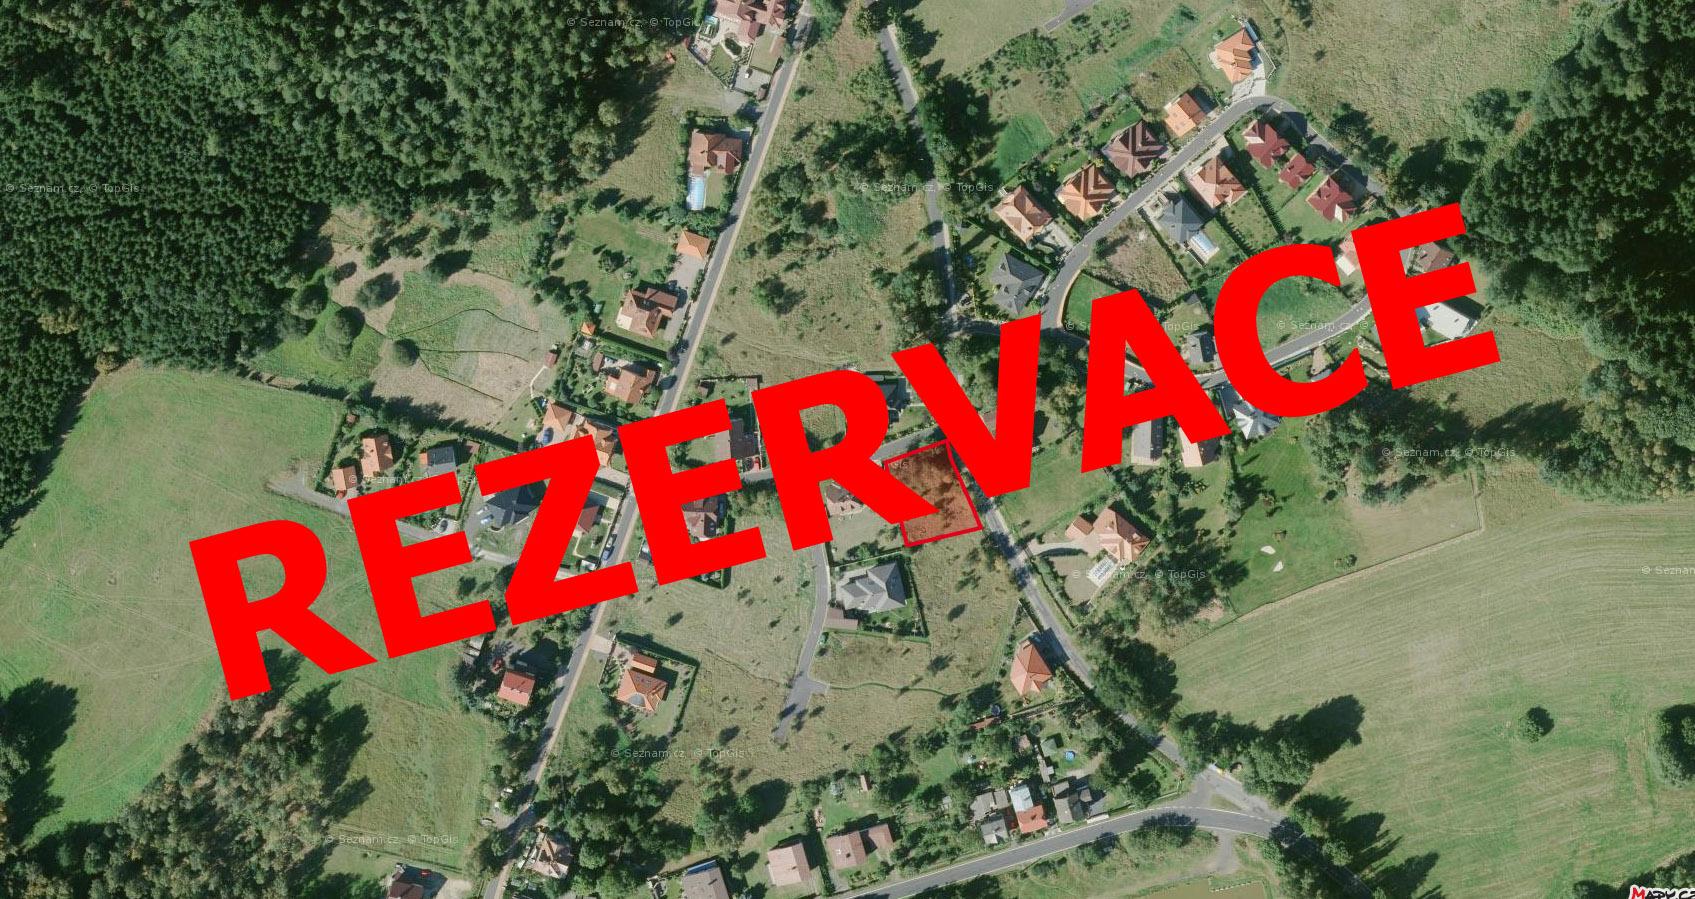 REZERVACE Pozemek Karlovy Vary, Olšová Vrata, Motýlek, Realitykv